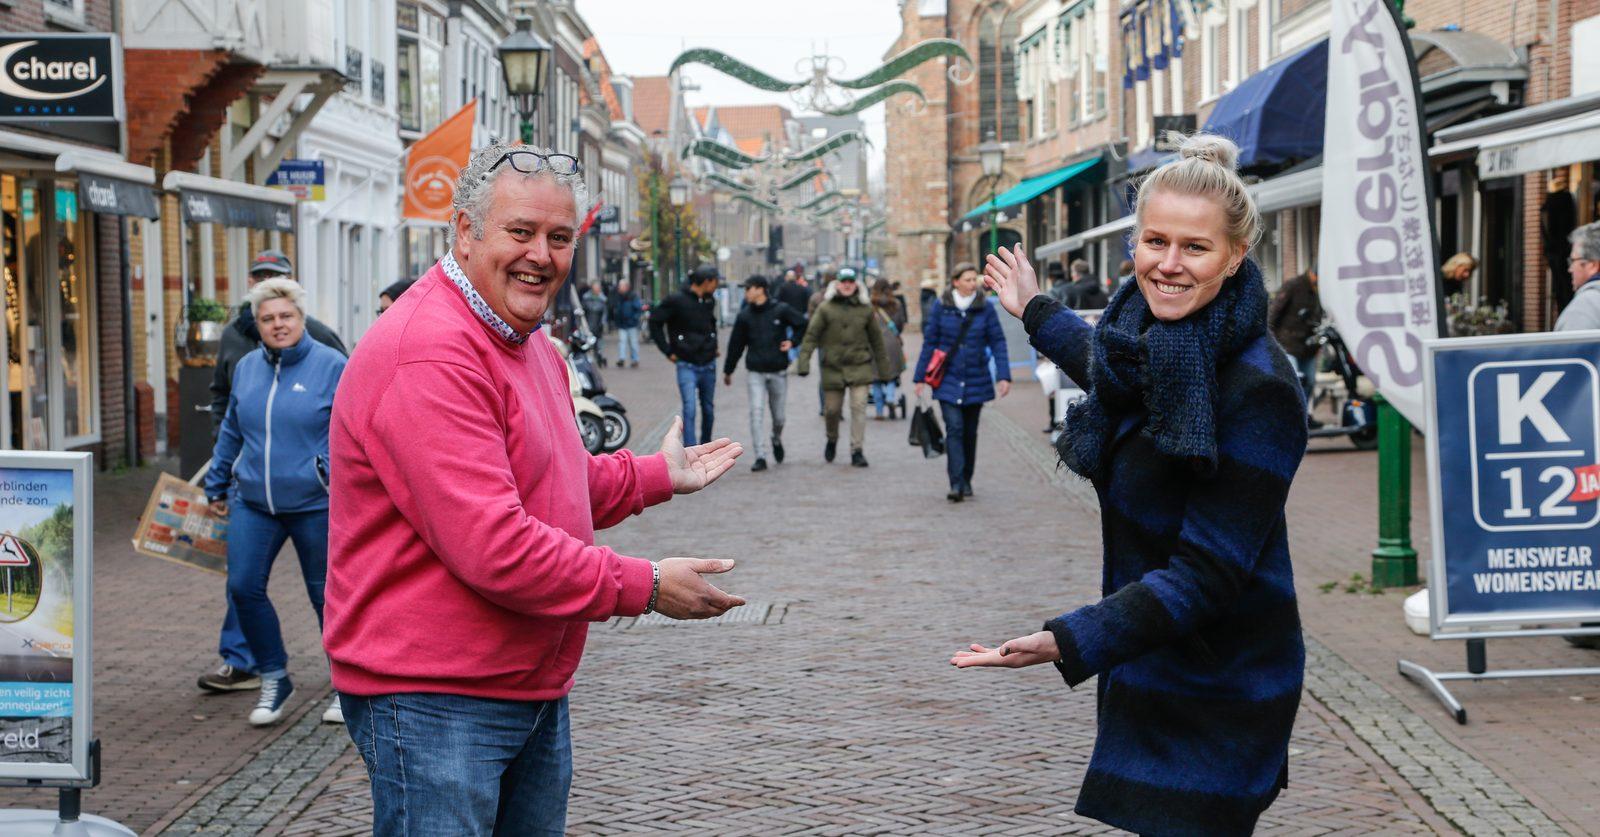 Hoornse straatambassadeurs werken aan gezamenlijke winkelstad Hoorn